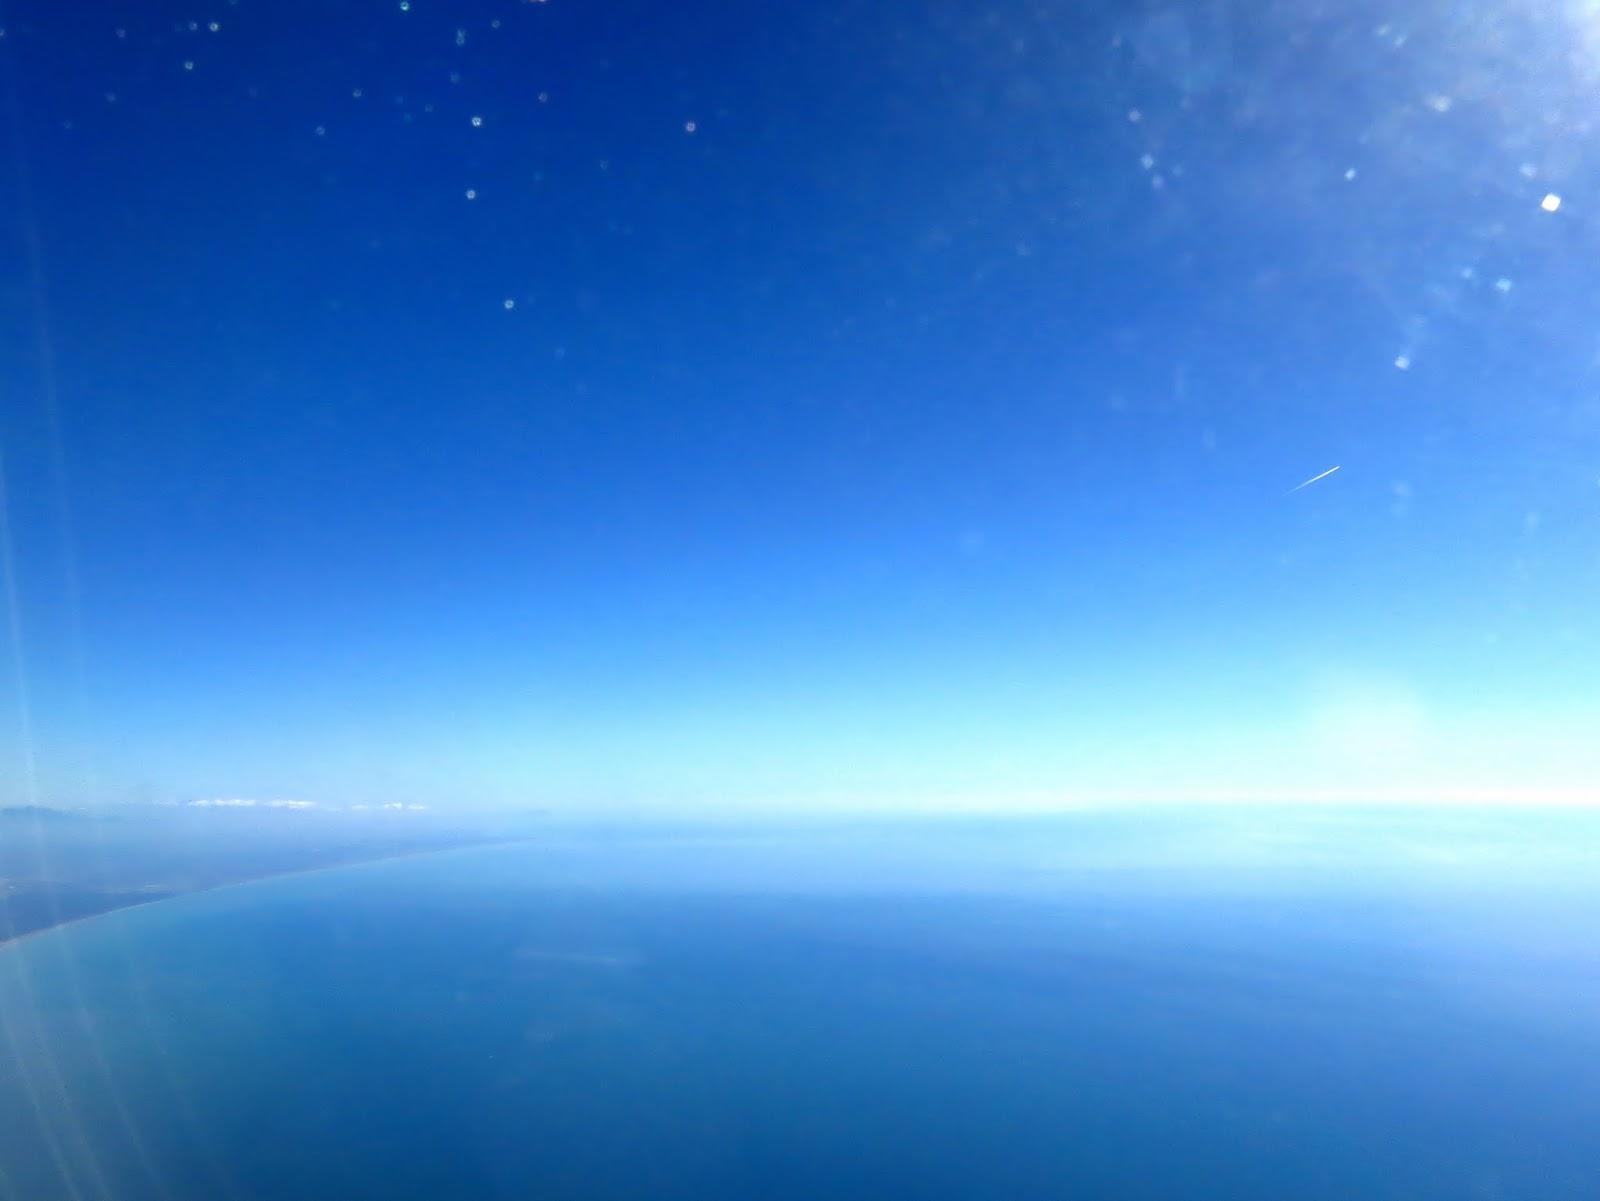 Mediterranean Sea in Fiumicino, Italy